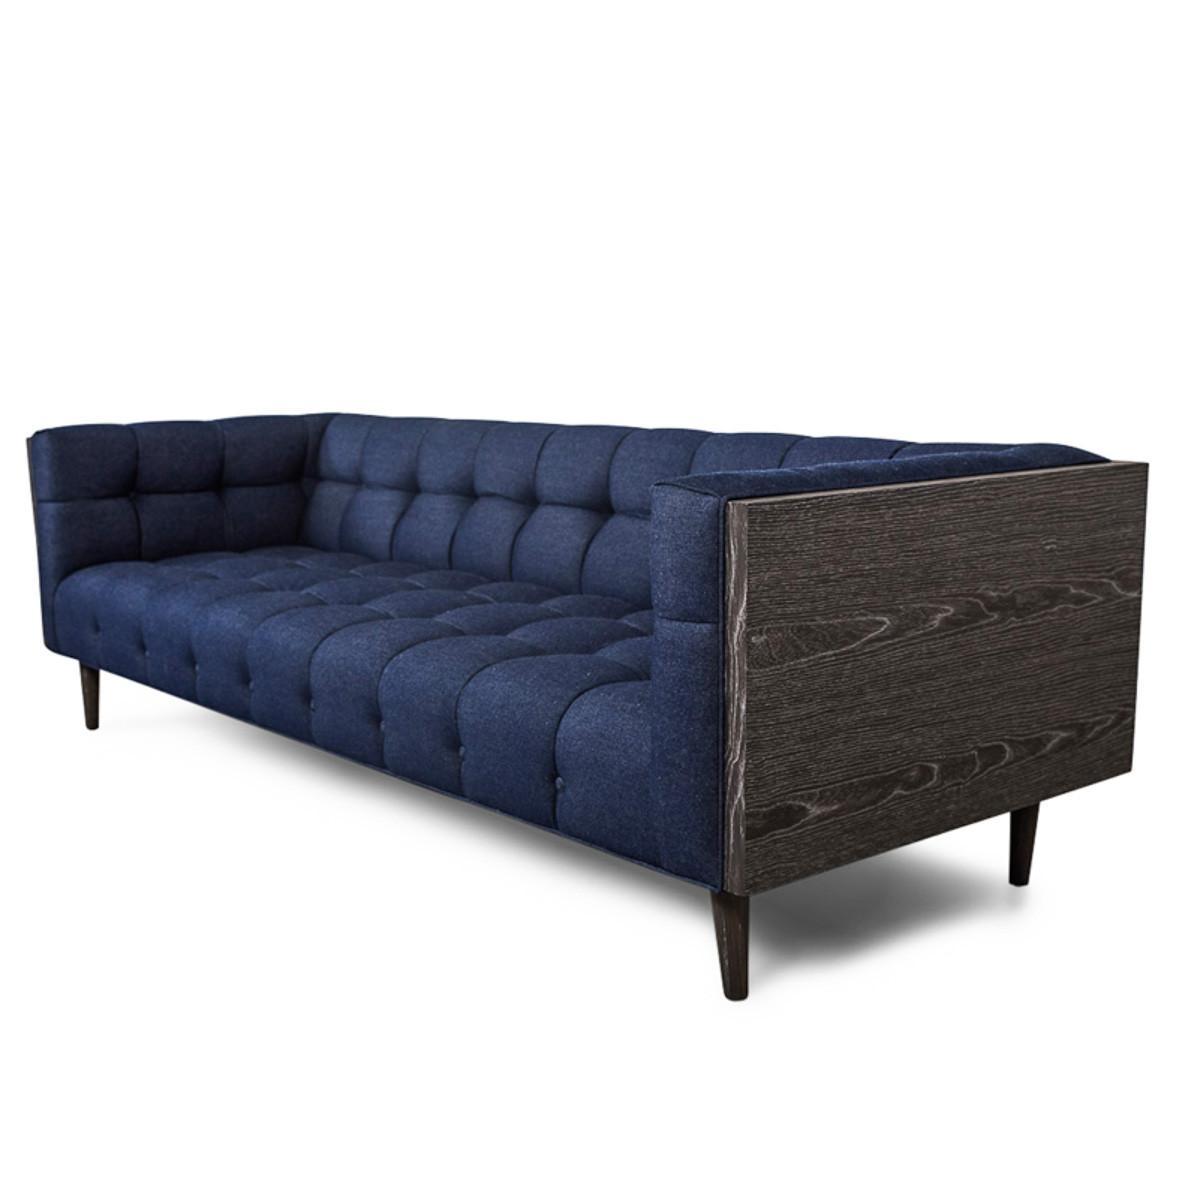 Sofas: Mid Century Settee | Mid Century Sofas | Cheap Mid Century With Regard To Cheap Retro Sofas (View 17 of 20)